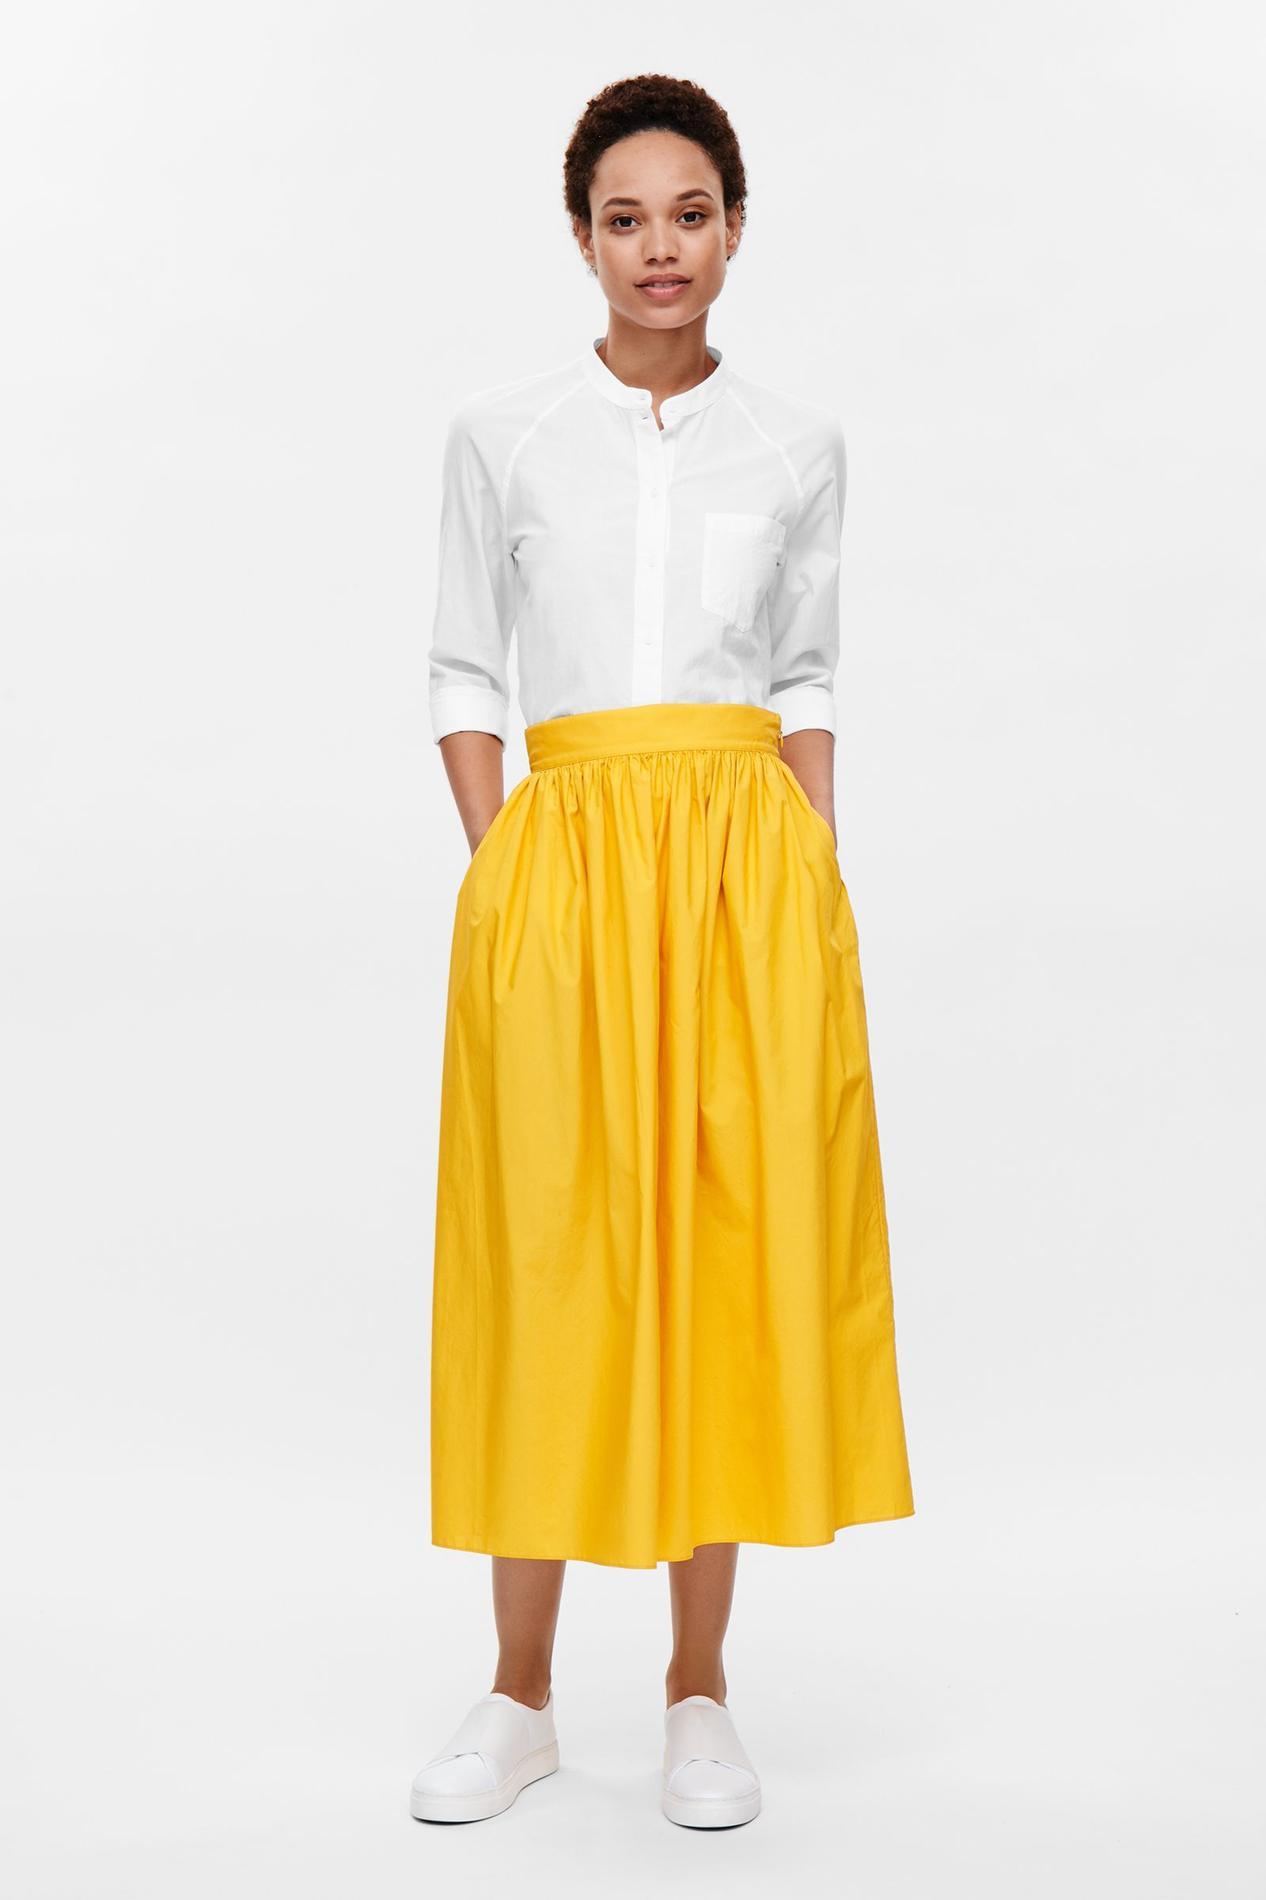 0d11c320c5c ... plissée par COS Bien choisir sa jupe en fonction de sa morphologie   la  midi par Zara Bien choisir sa jupe en fonction de sa morphologie   la  trapèze ...